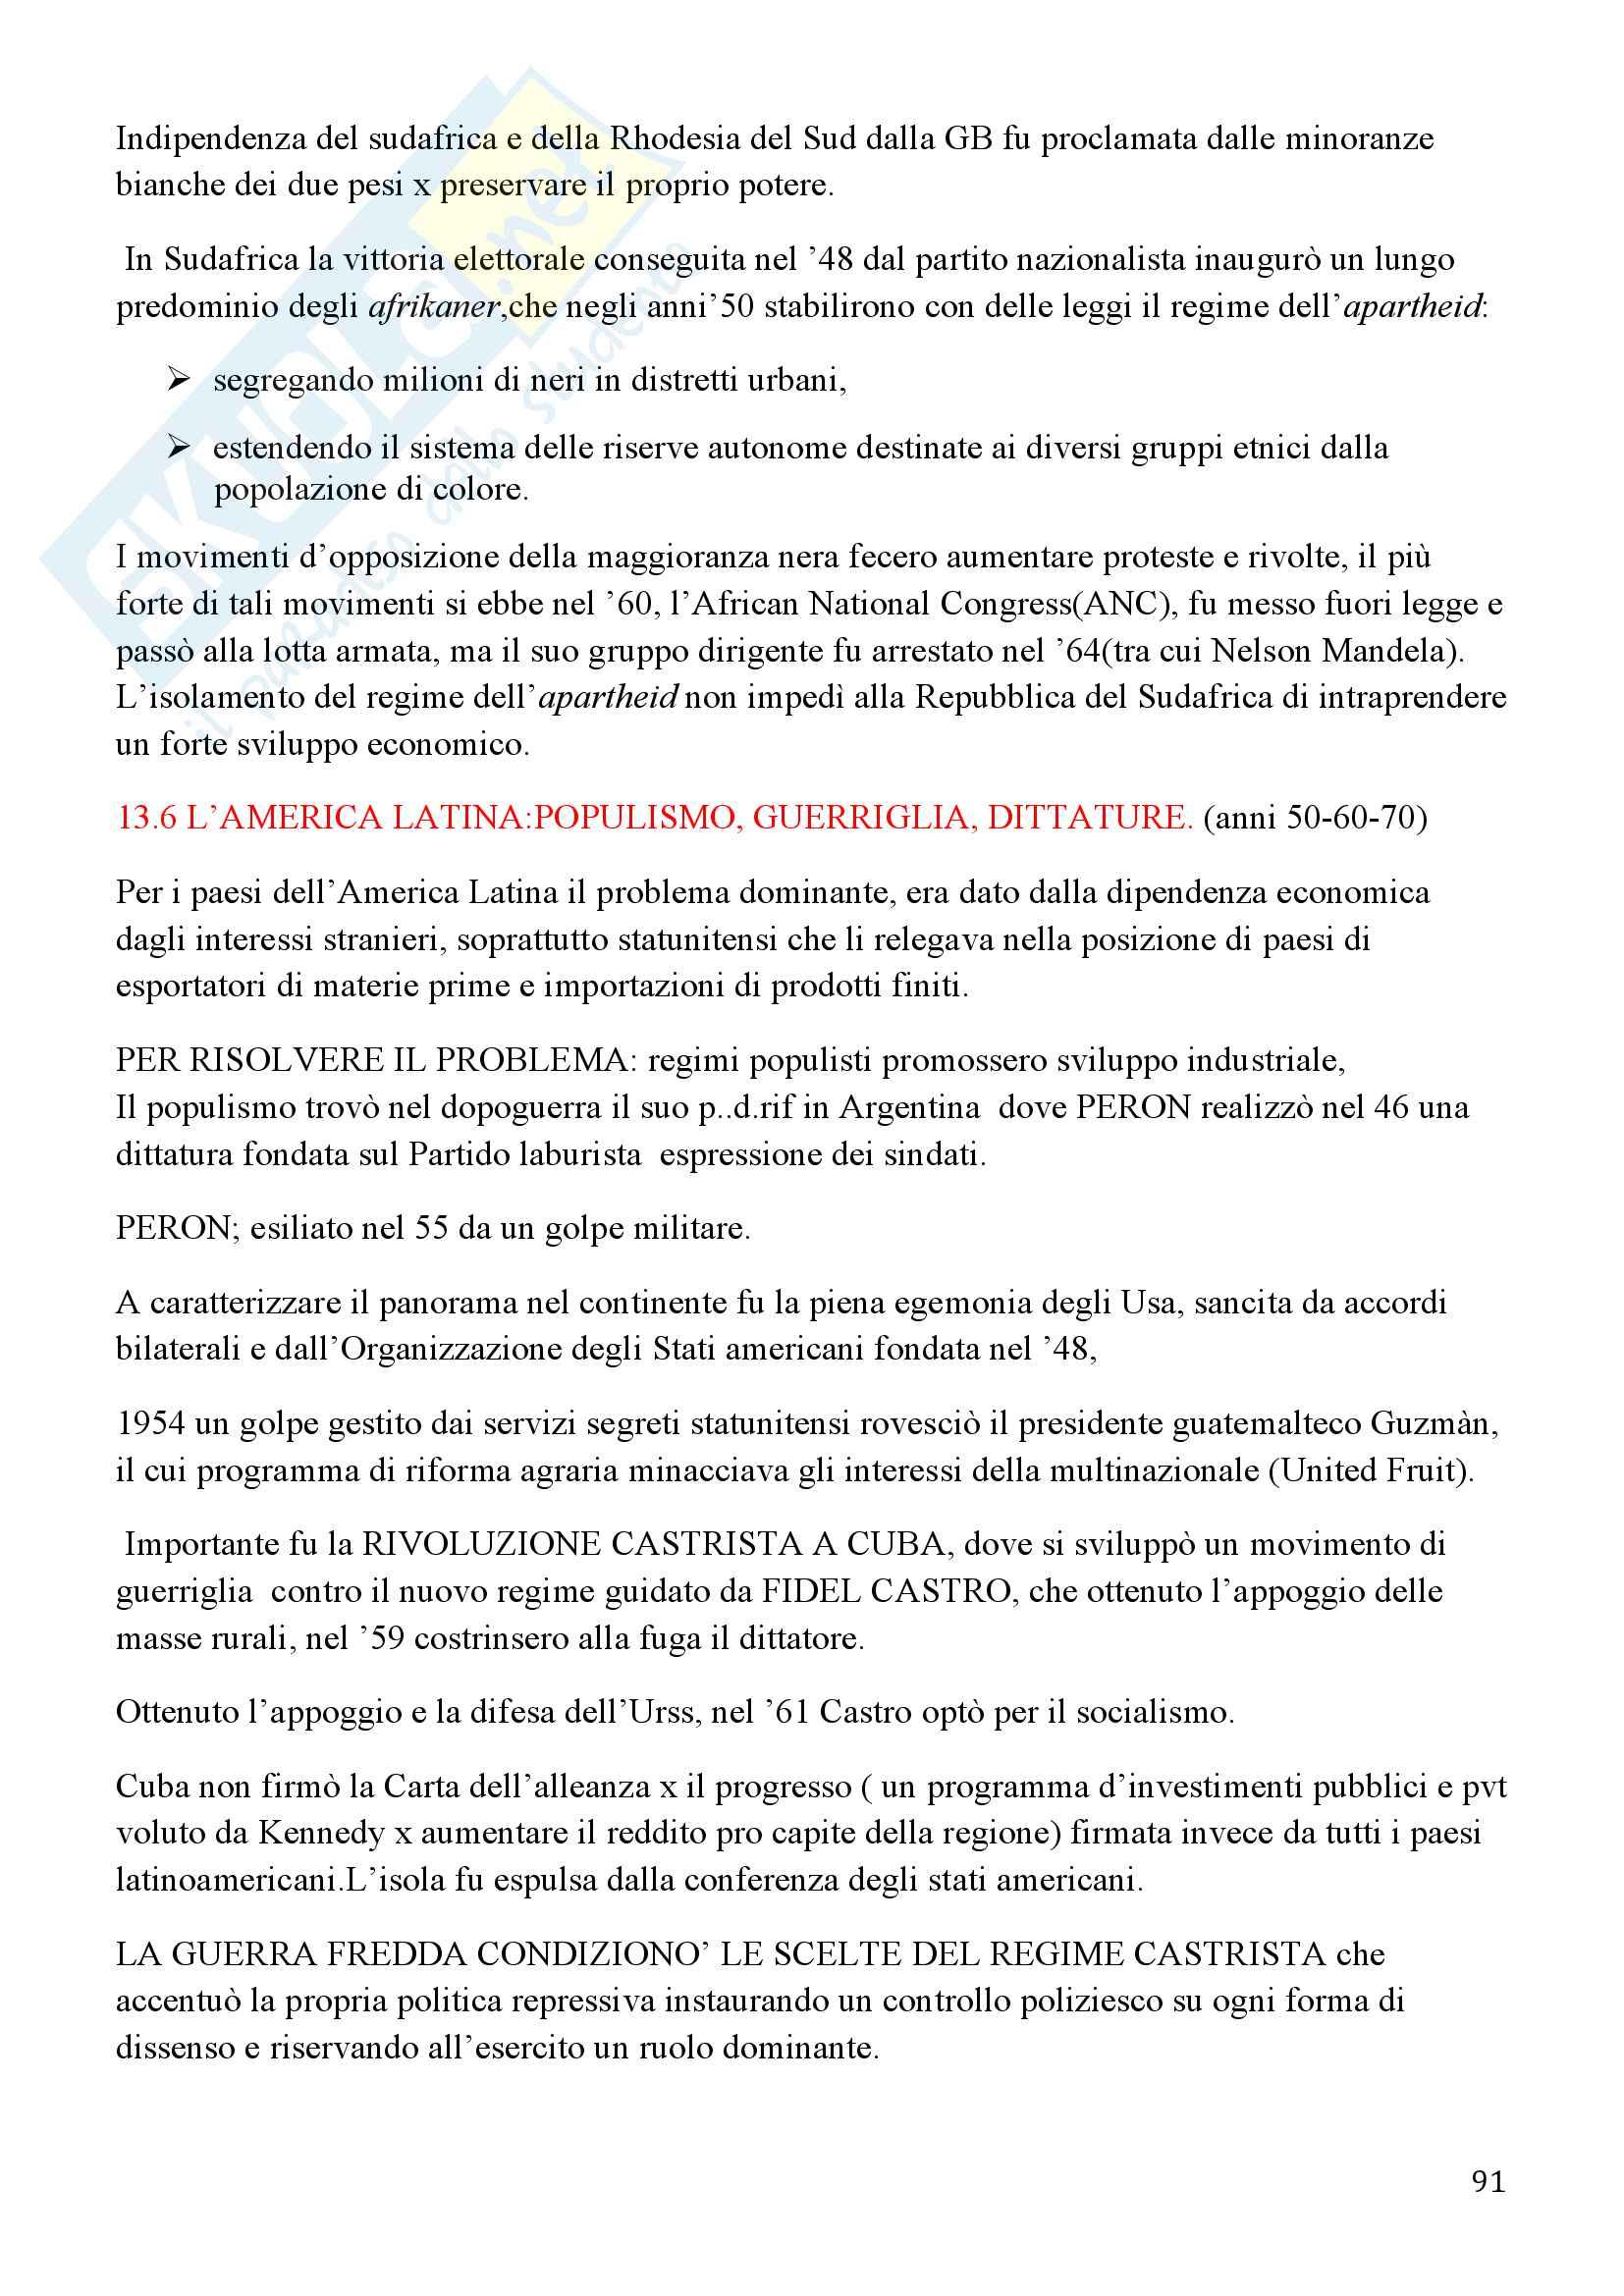 Storia Contemporanea, Detti, Gozzini il Novecento - Riassunto Pag. 91